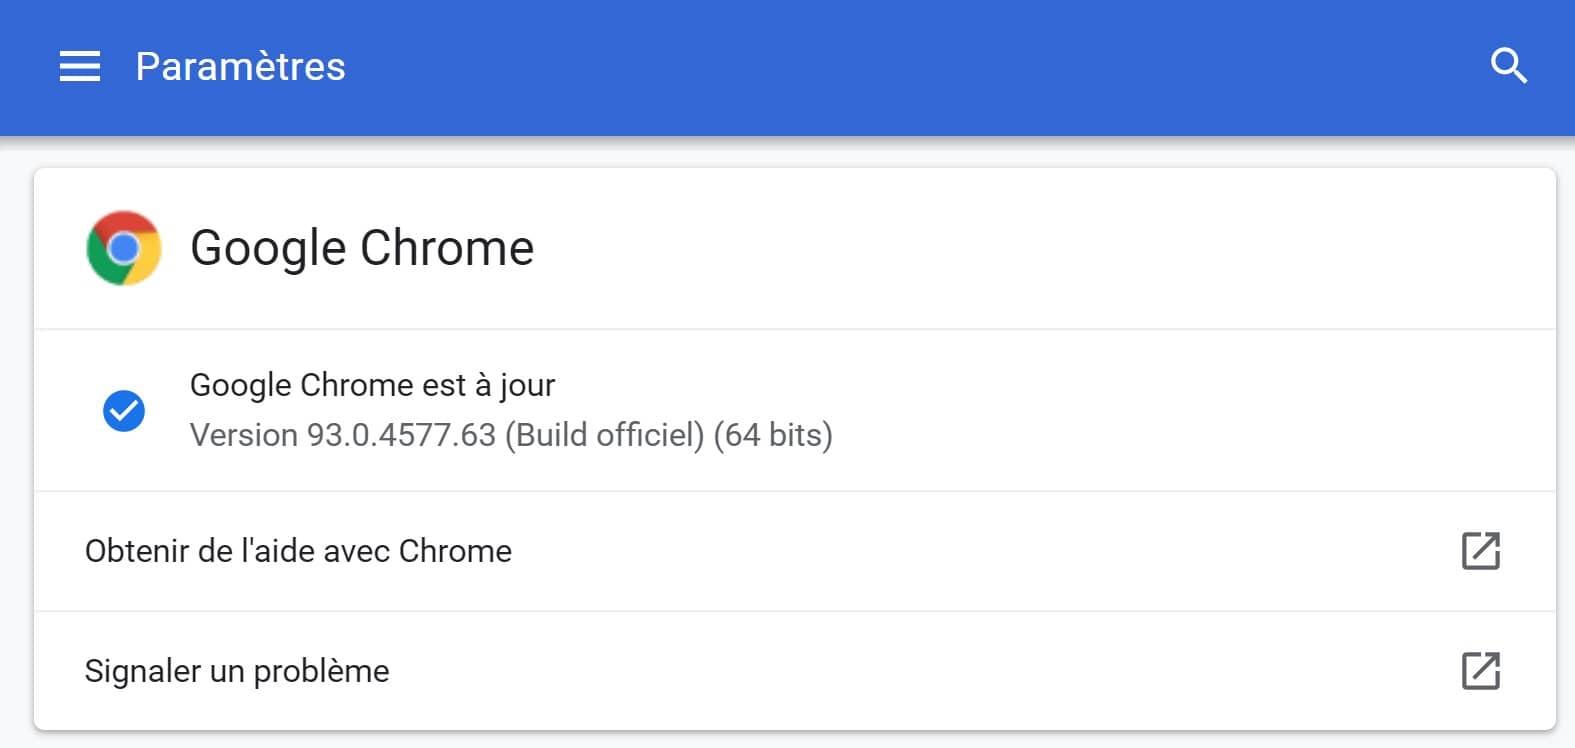 Paramètres de Google Chrome 93